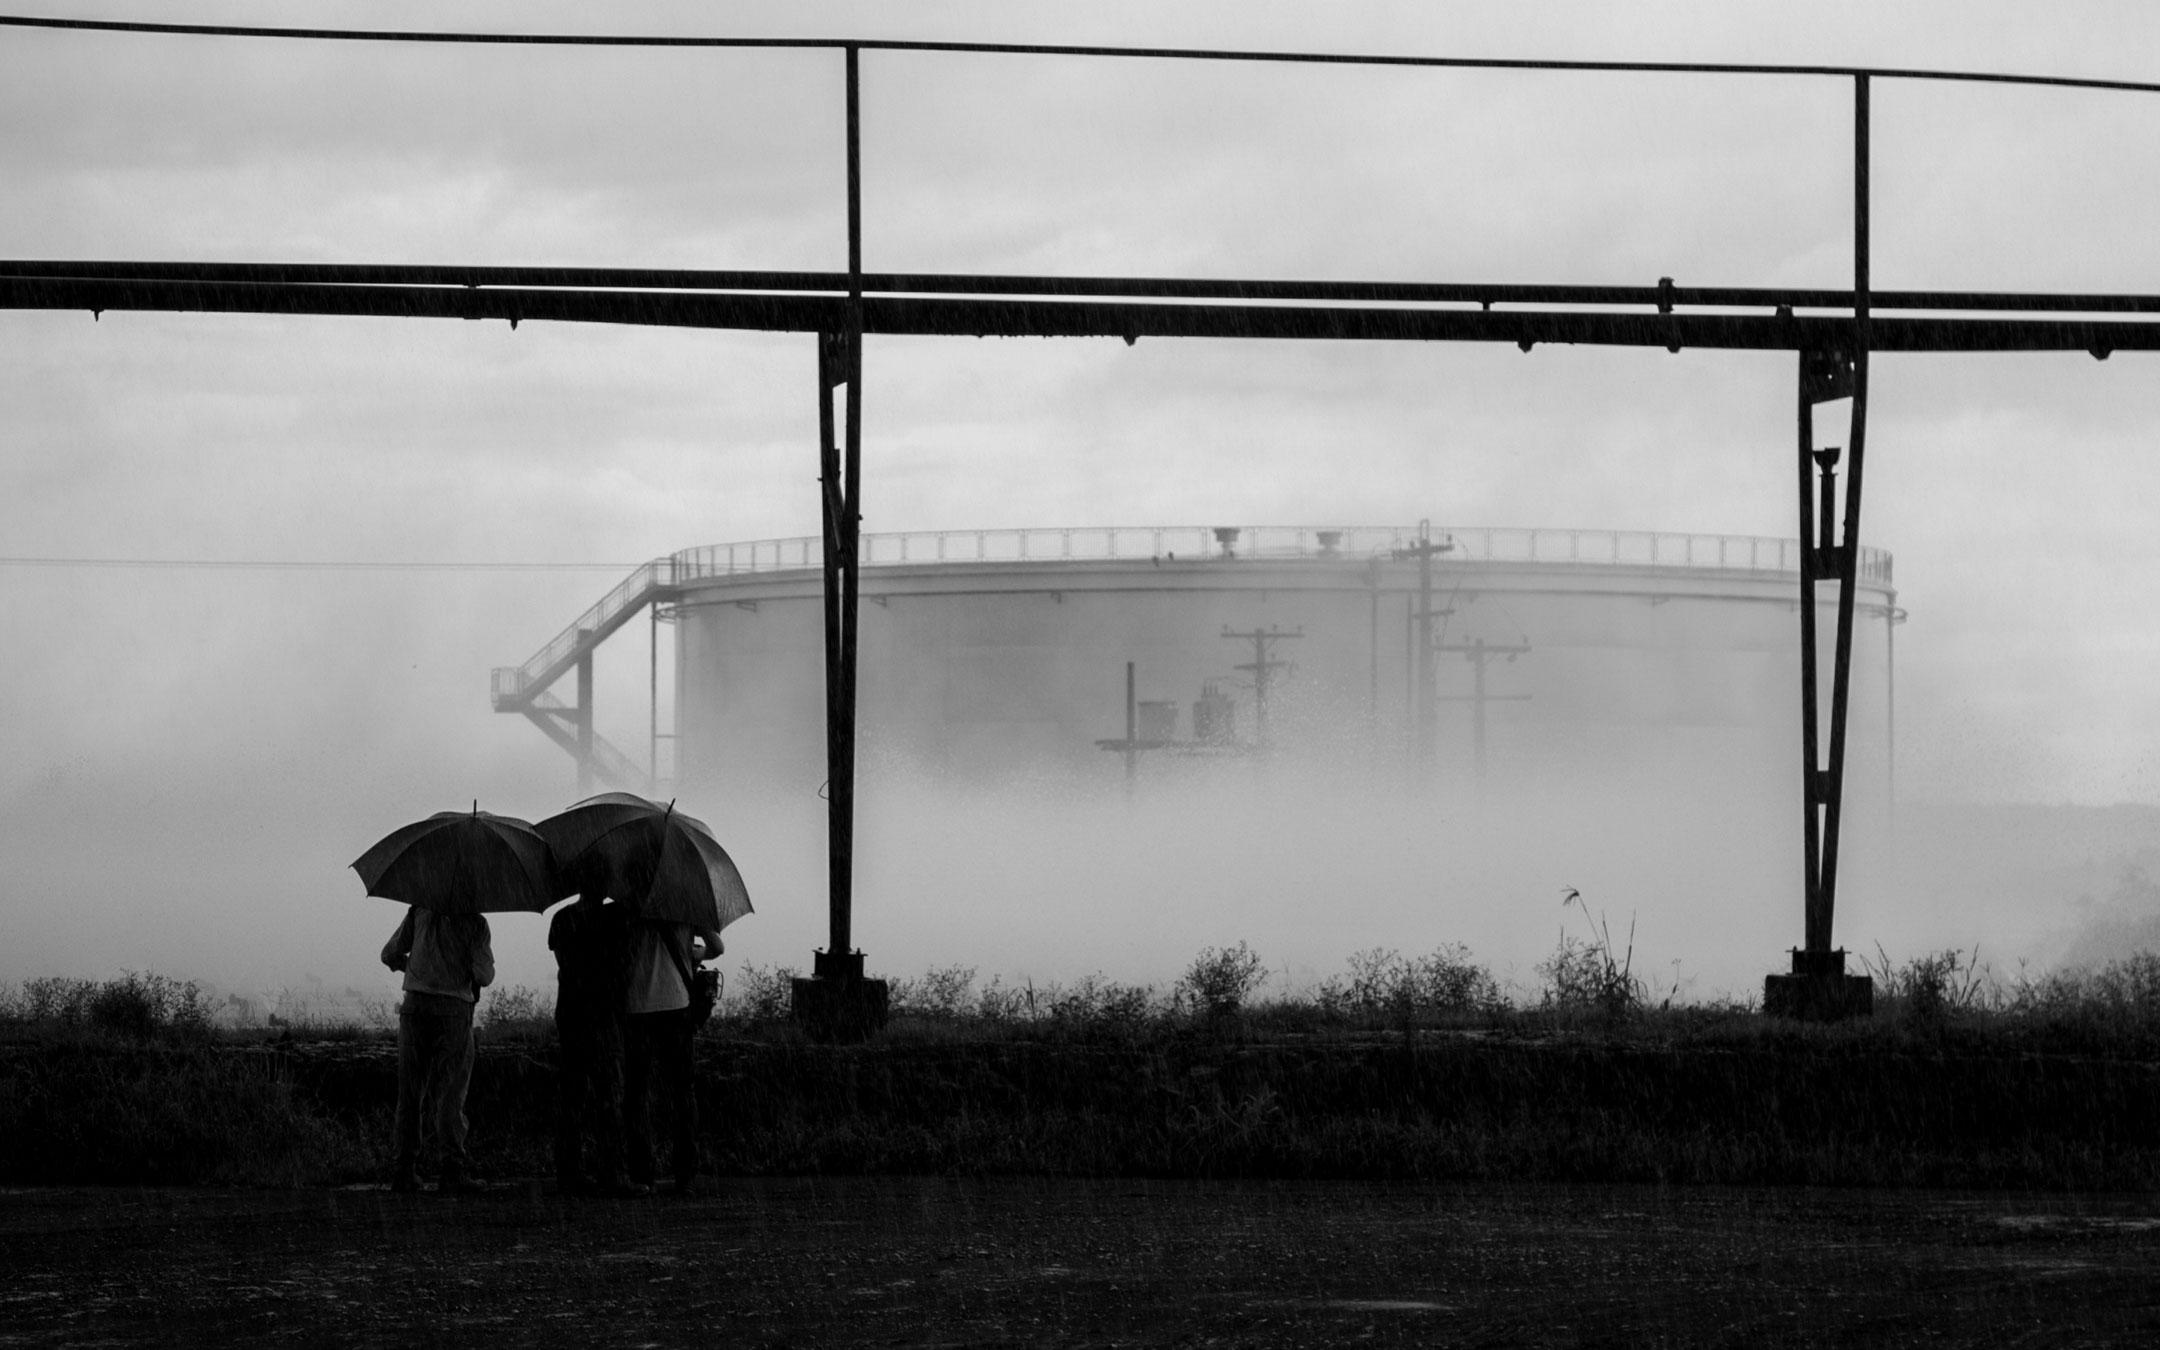 Fotografia industrial | Tonéis de Etanol